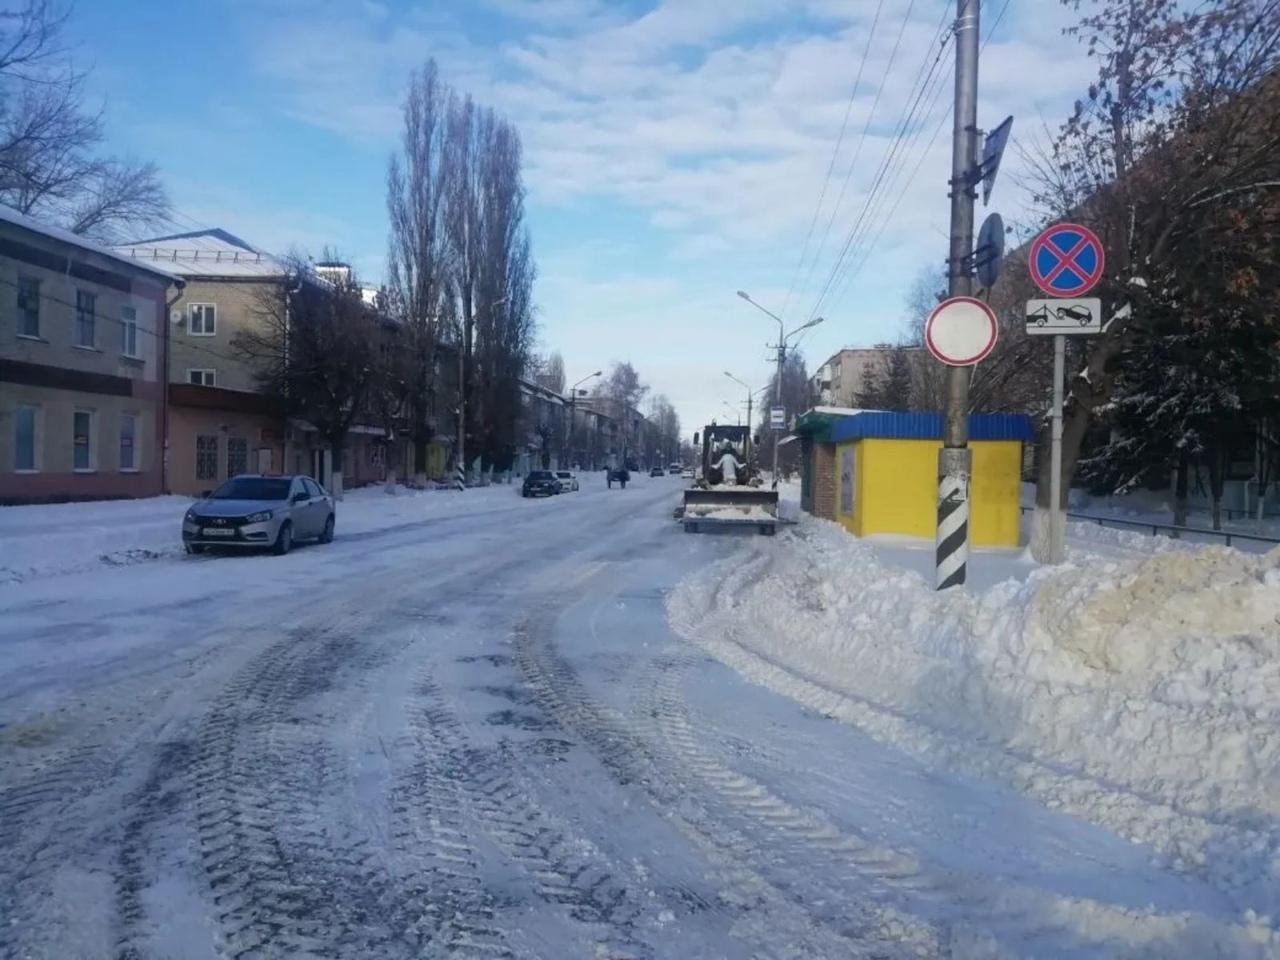 Руководство МКУ «Благоустройство» информирует о порядке расчистки снега на дорогах Петровска